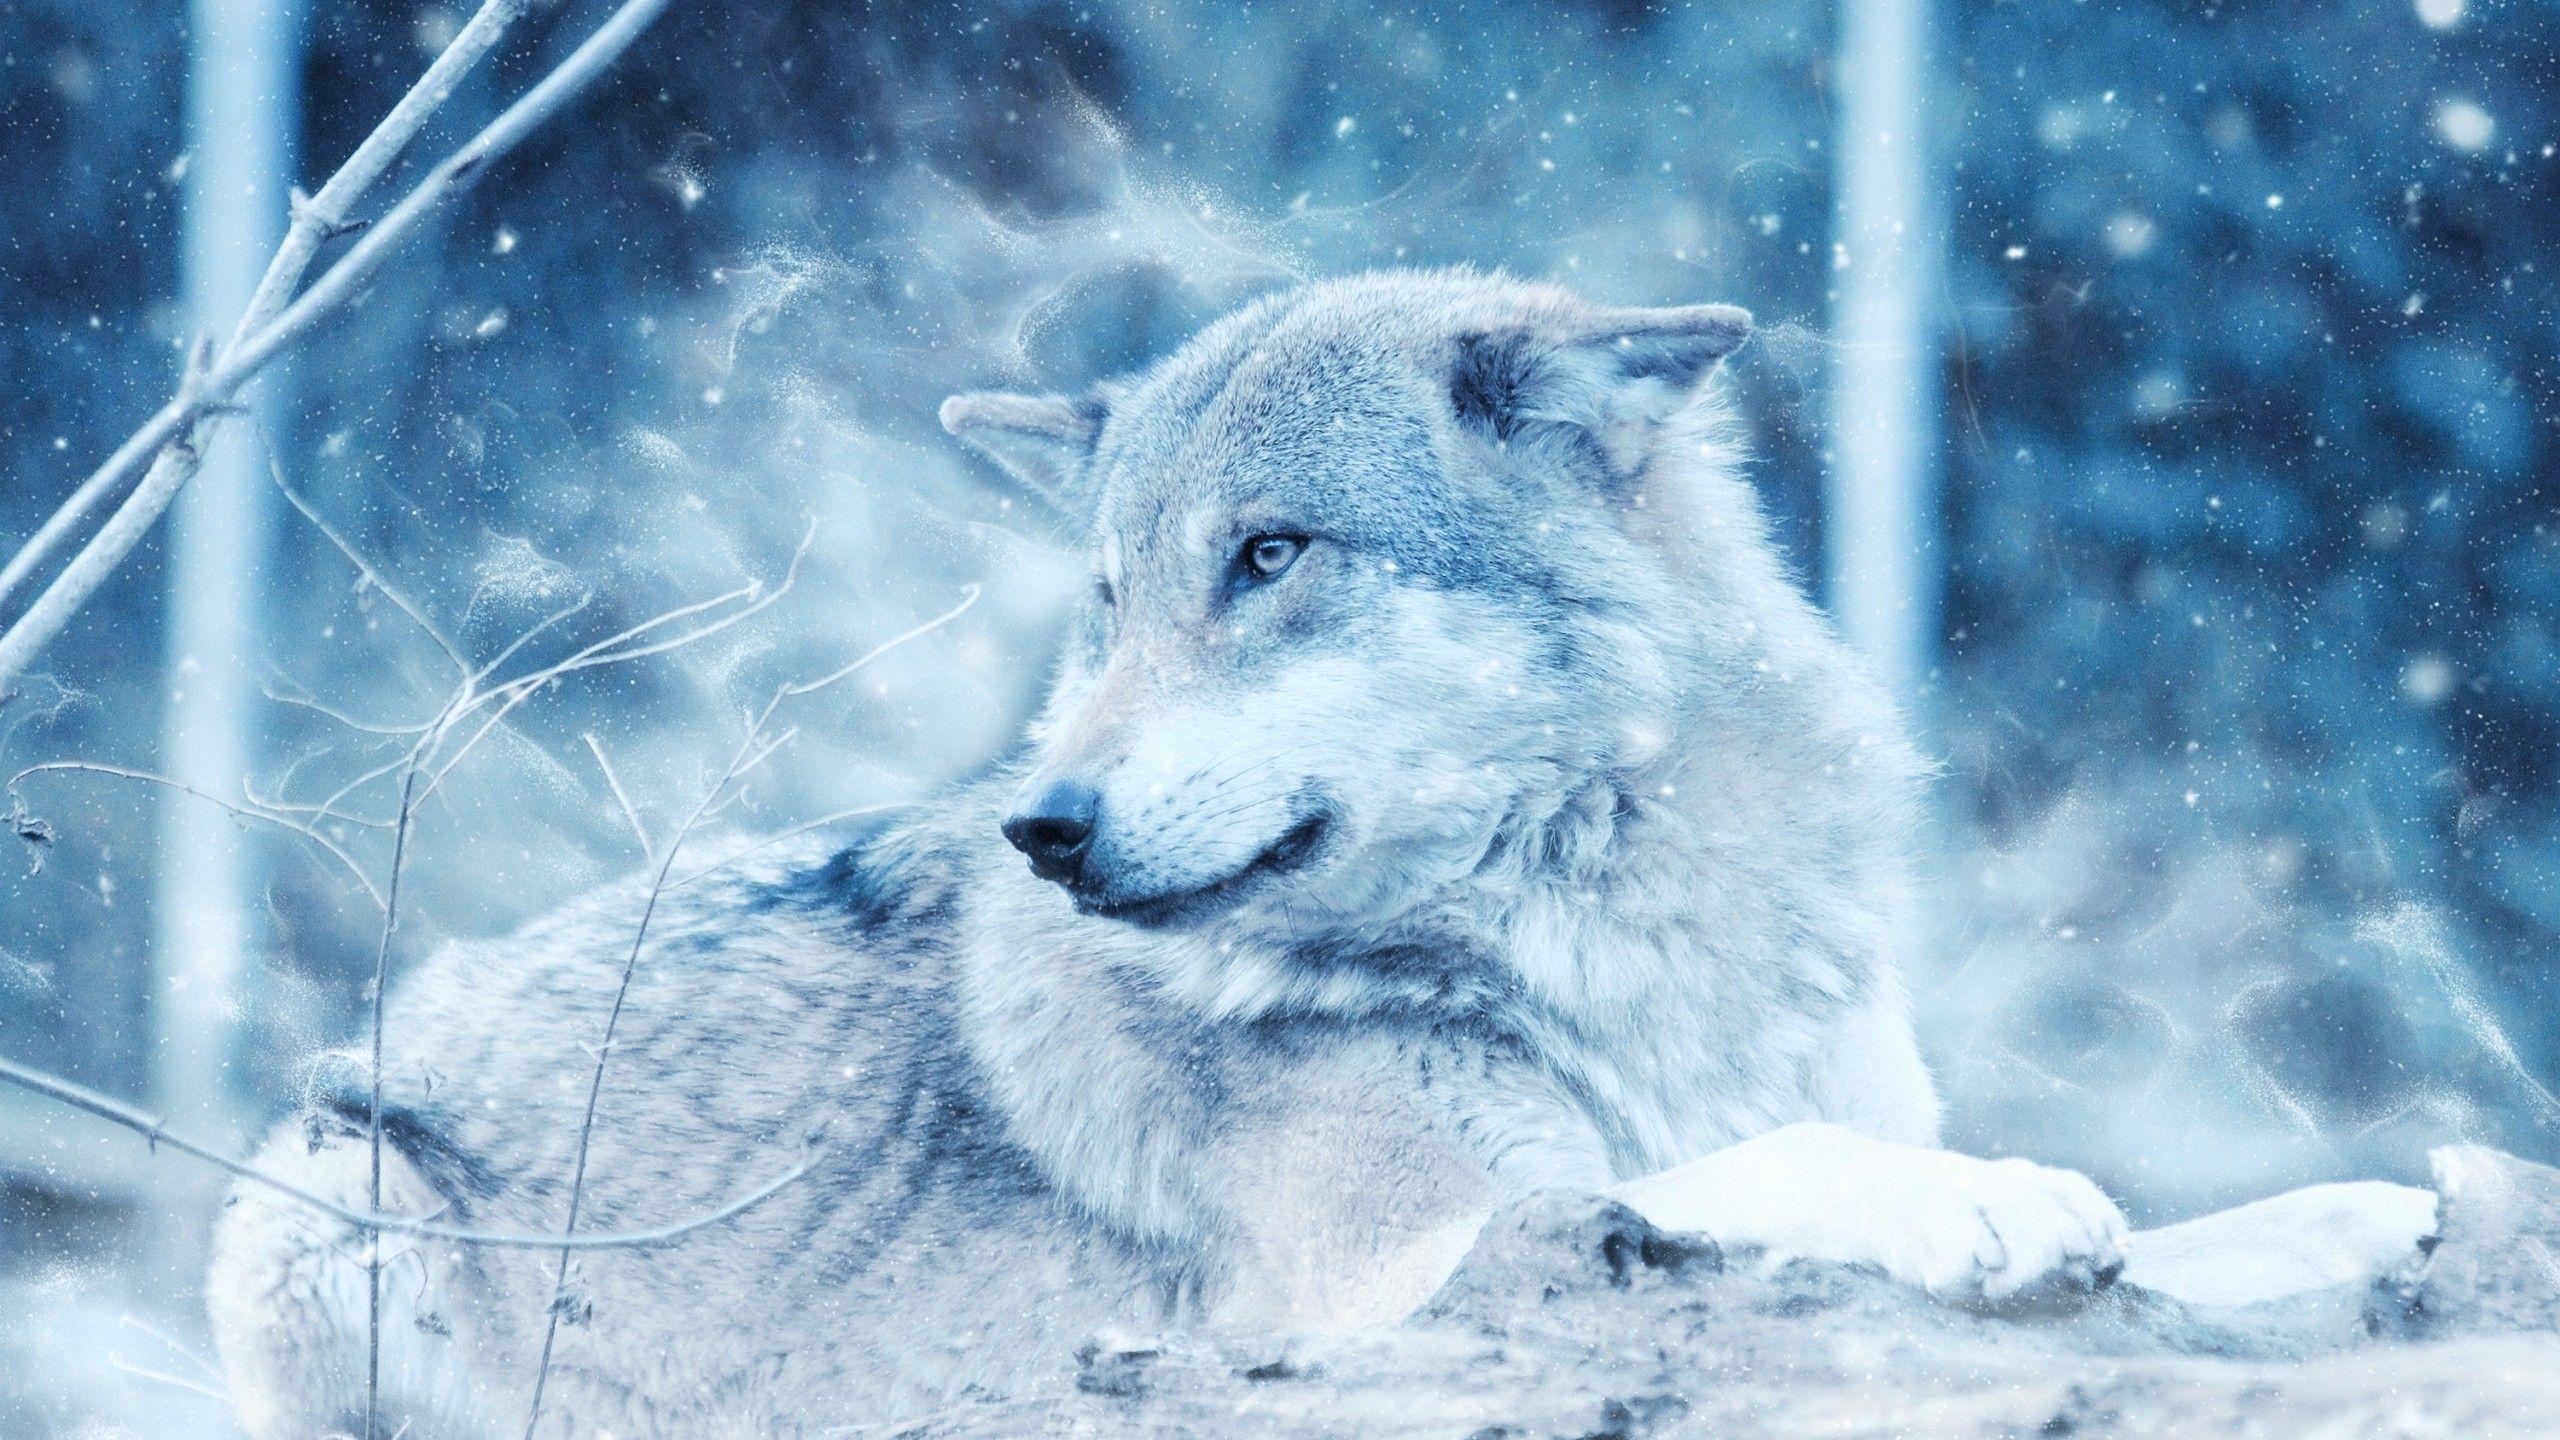 2560x1440 Hình nền chó sói, hoang dã, Tuyết, Mùa đông, Lạnh, độ phân giải cao, động vật